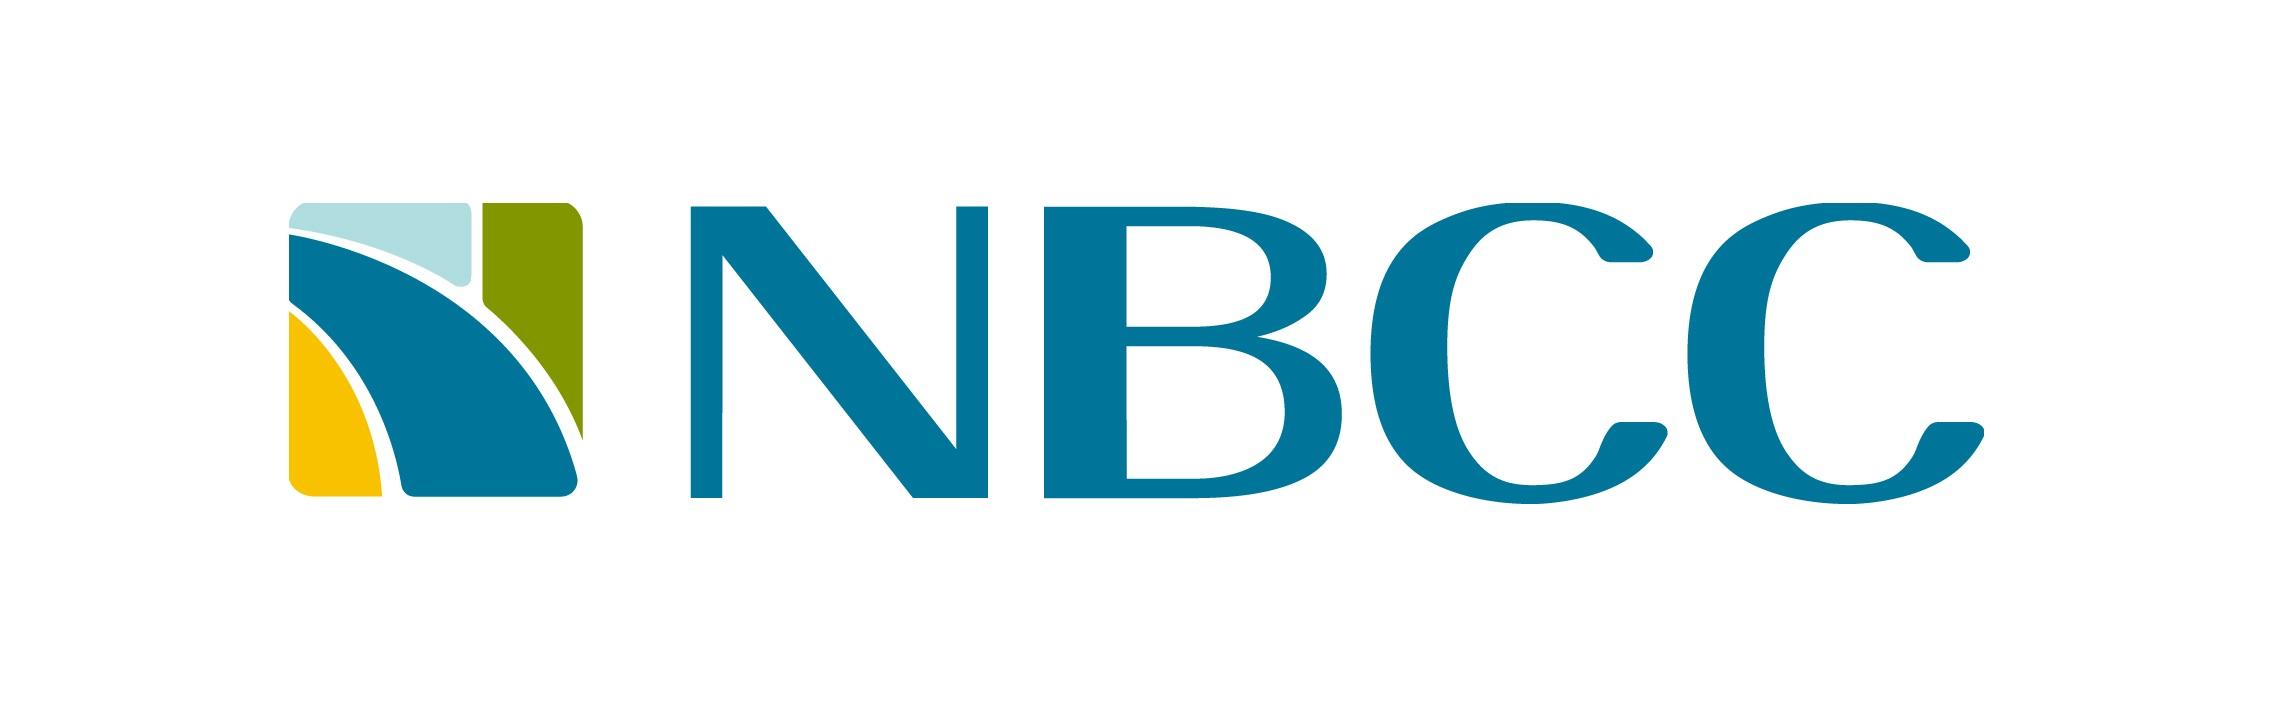 NBCC-1_RGB-180.jpg